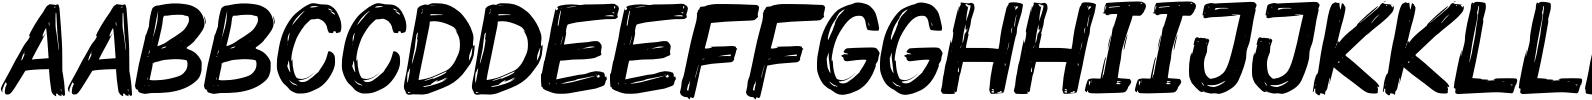 Bebrush